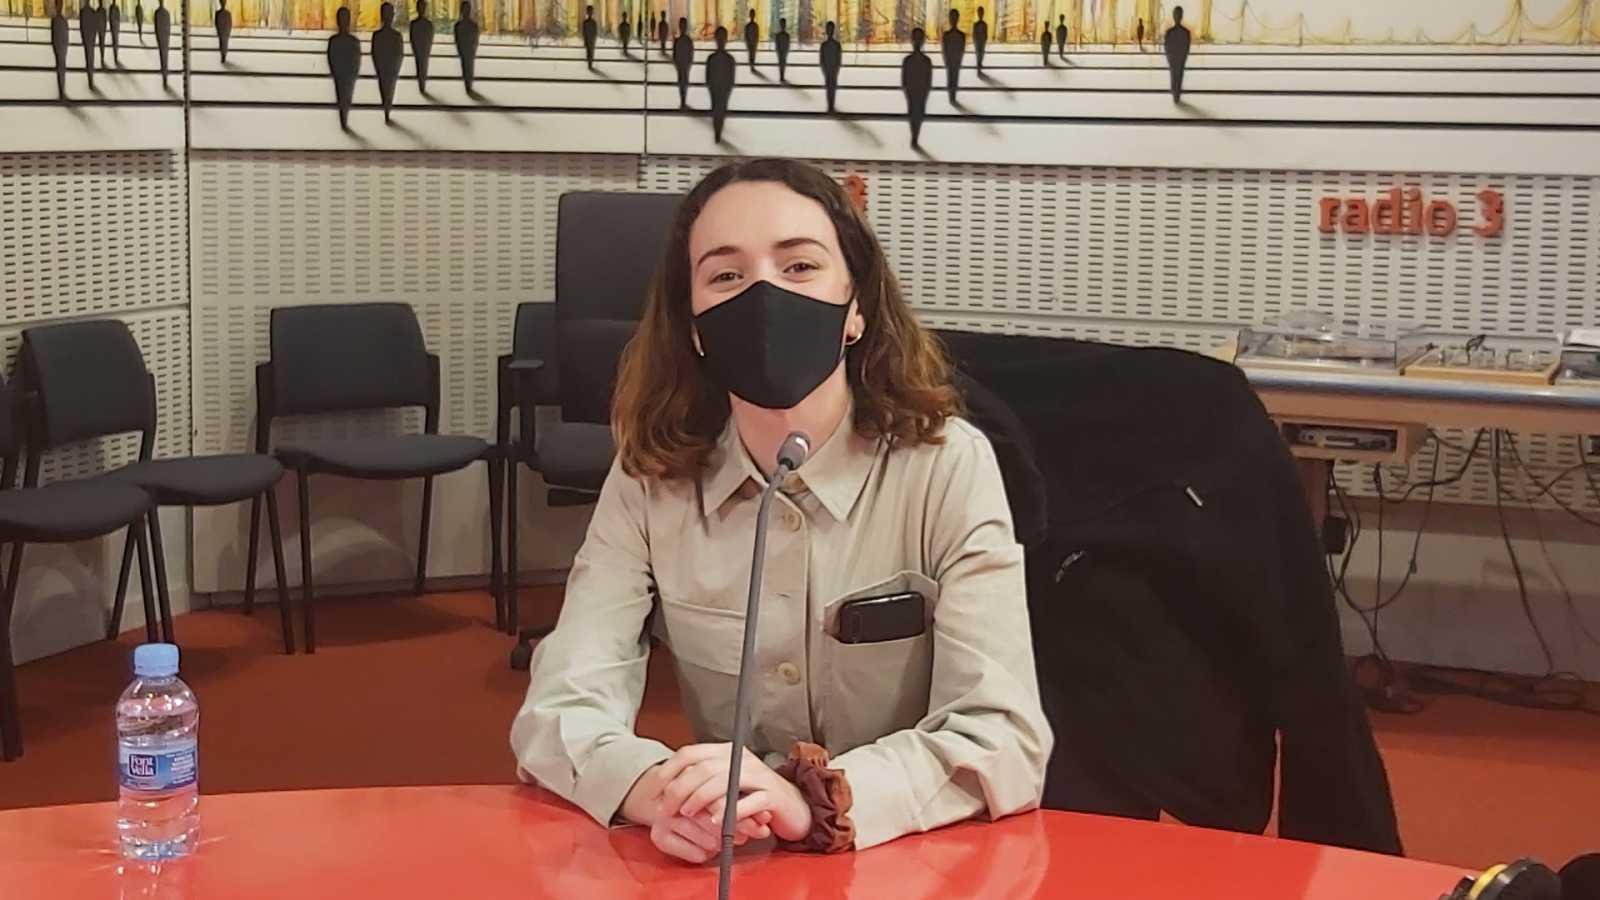 Hoy empieza todo con Marta Echeverría - Núria Graham, inhumanidad, arte y más - 15/04/21 - escuchar ahora